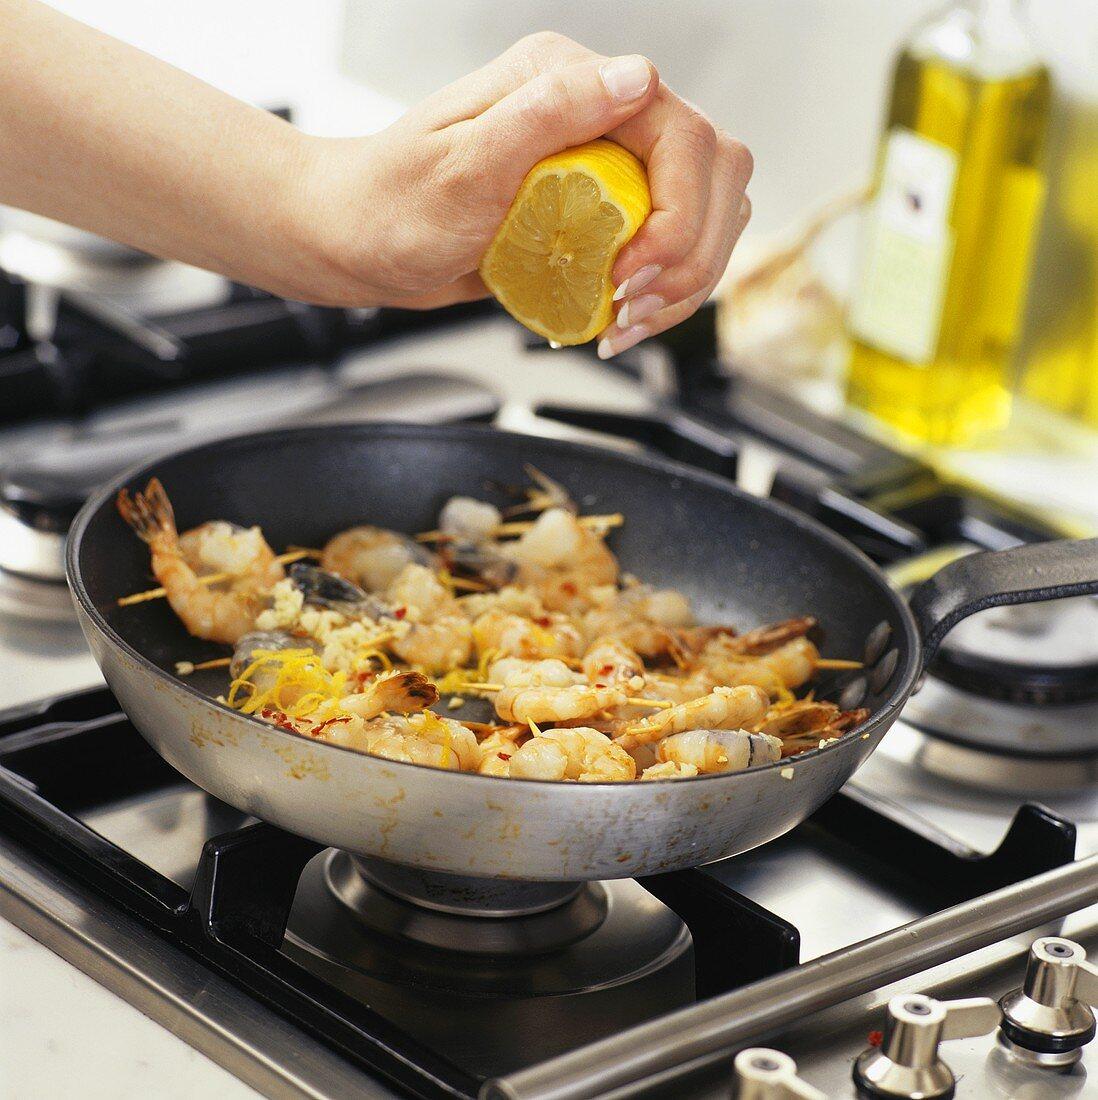 Sprinkling prawn skewers with lemon juice